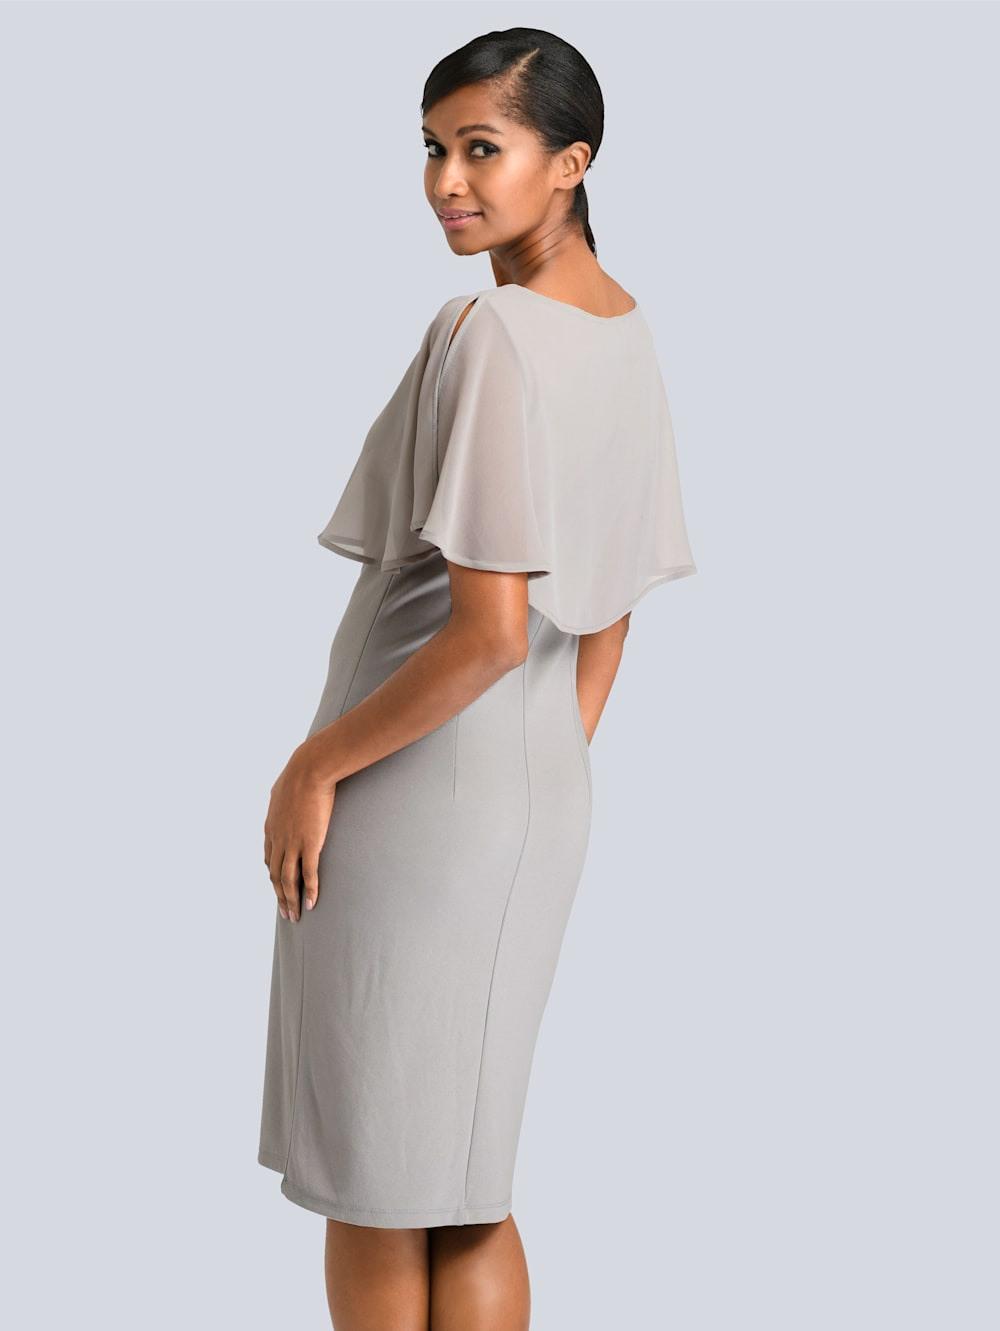 Alba Moda Kleid Mit Chiffonlayer  Alba Moda